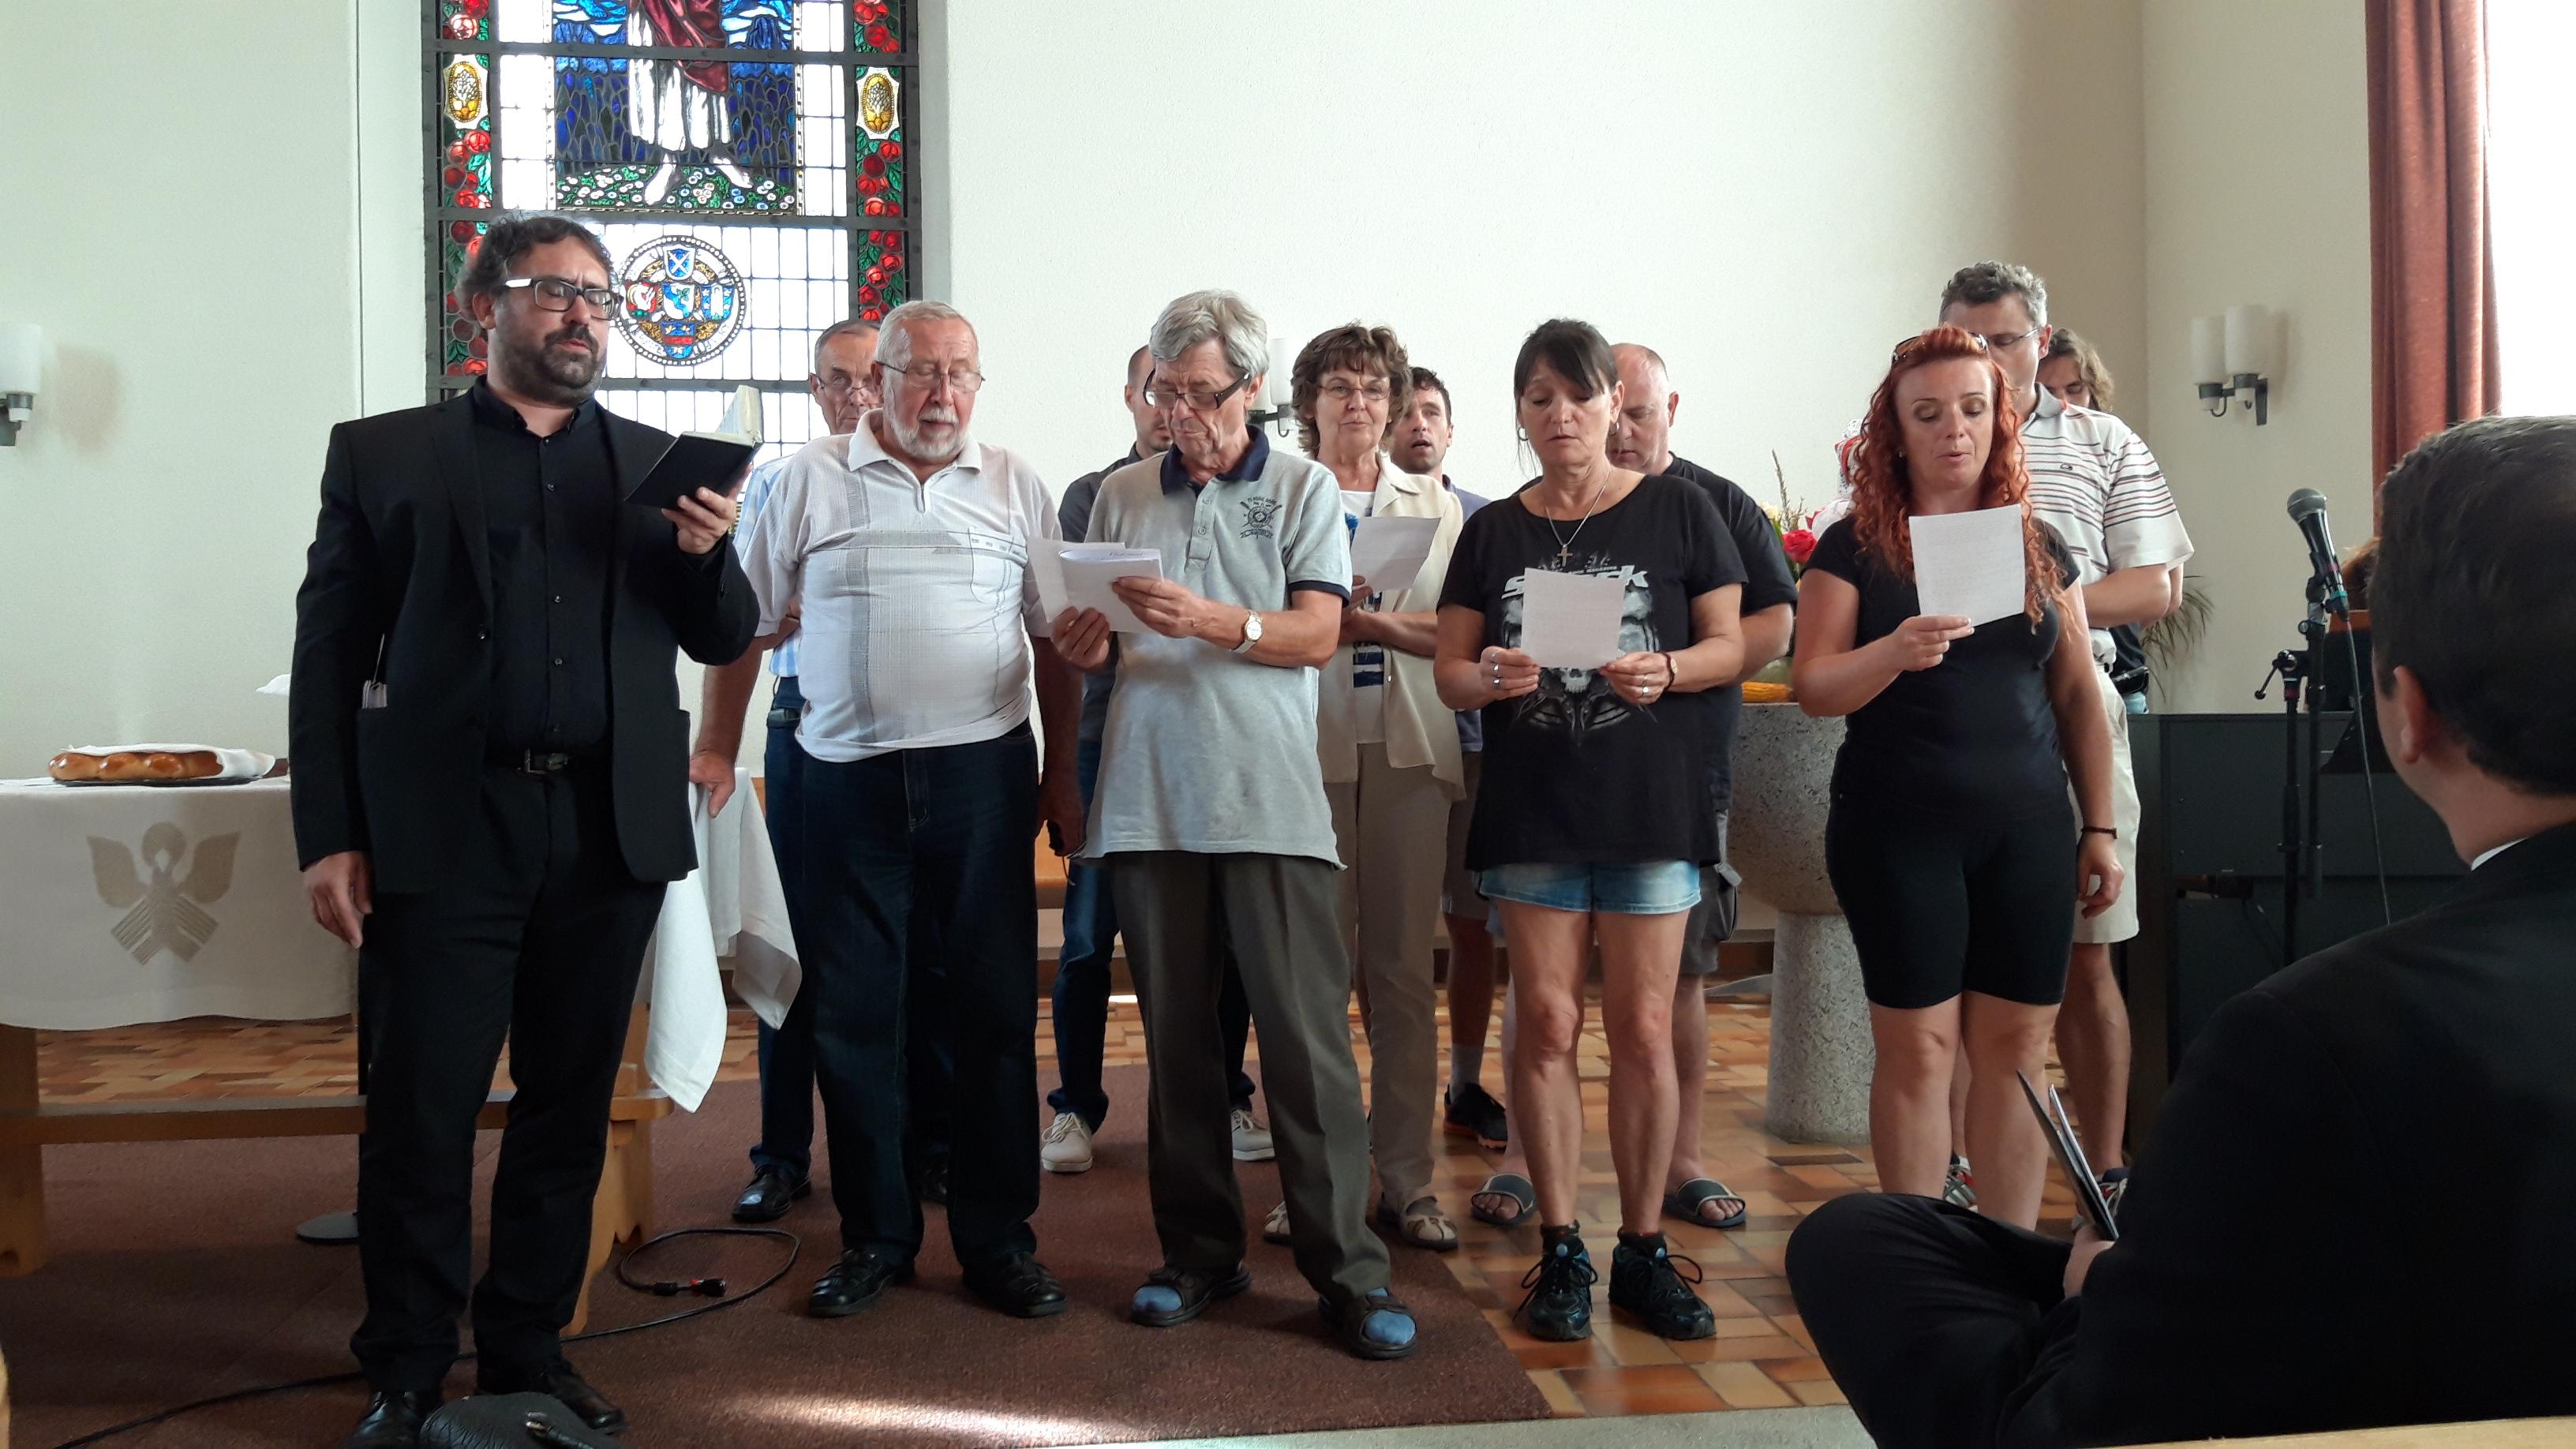 Tschechischer Chor am Gottesdienst